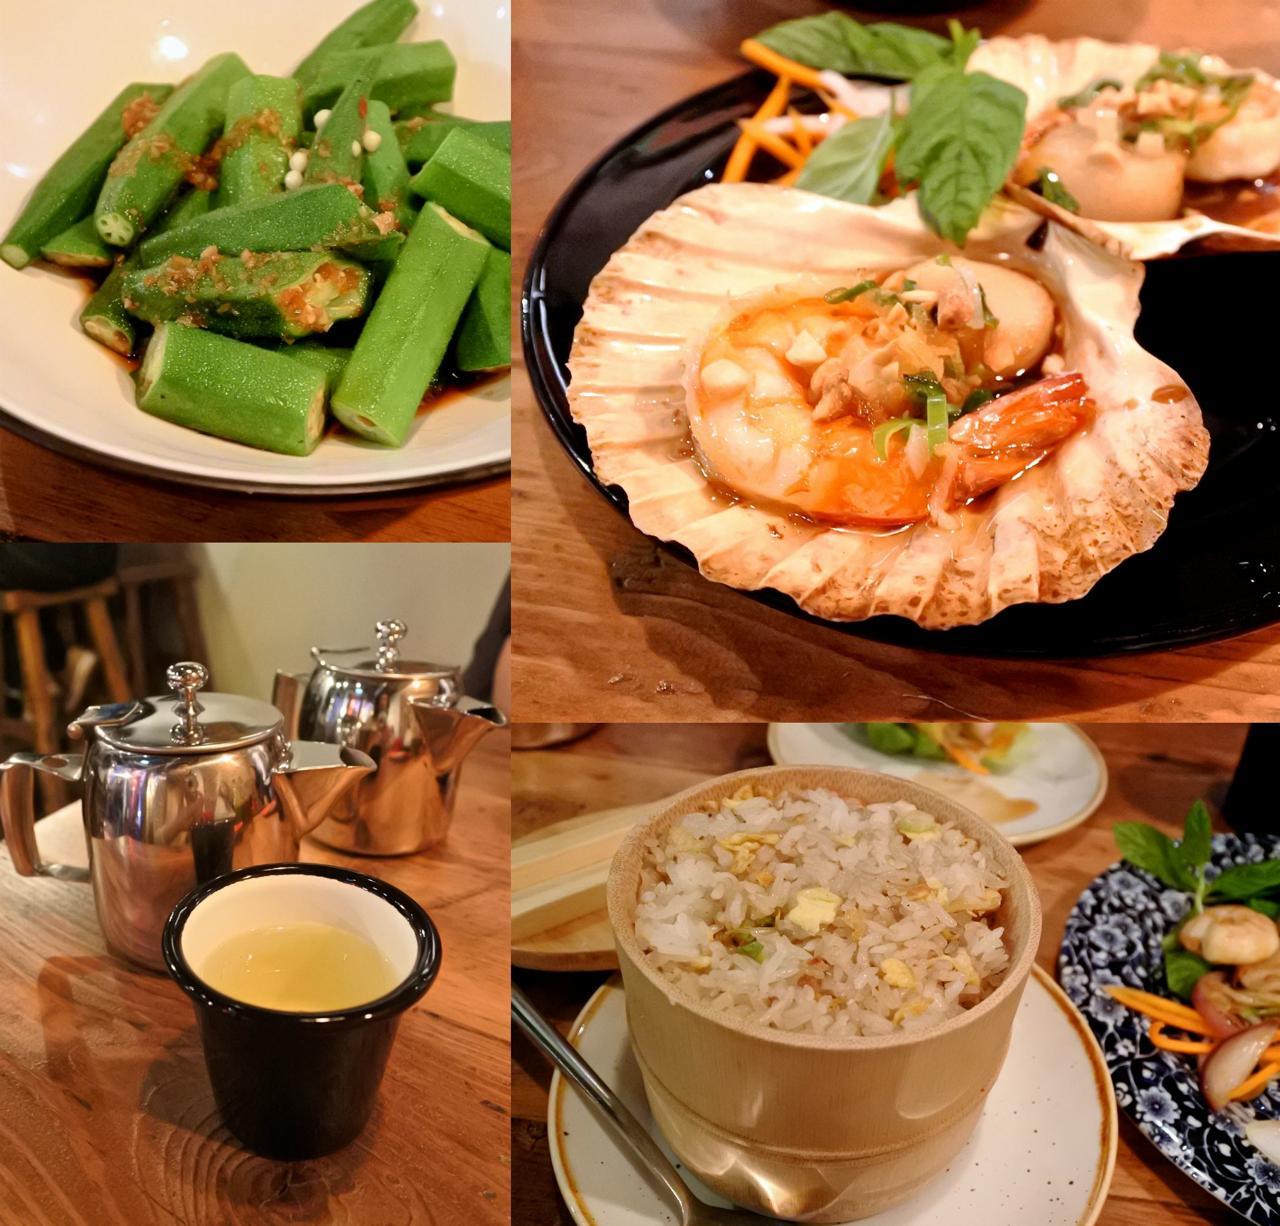 ソースが決め手のホタテと海老のグリル(右上)、海老炒飯(右下)、さっぱり味のオクラのしょうゆ和え(左上)、レモングラス・ティー